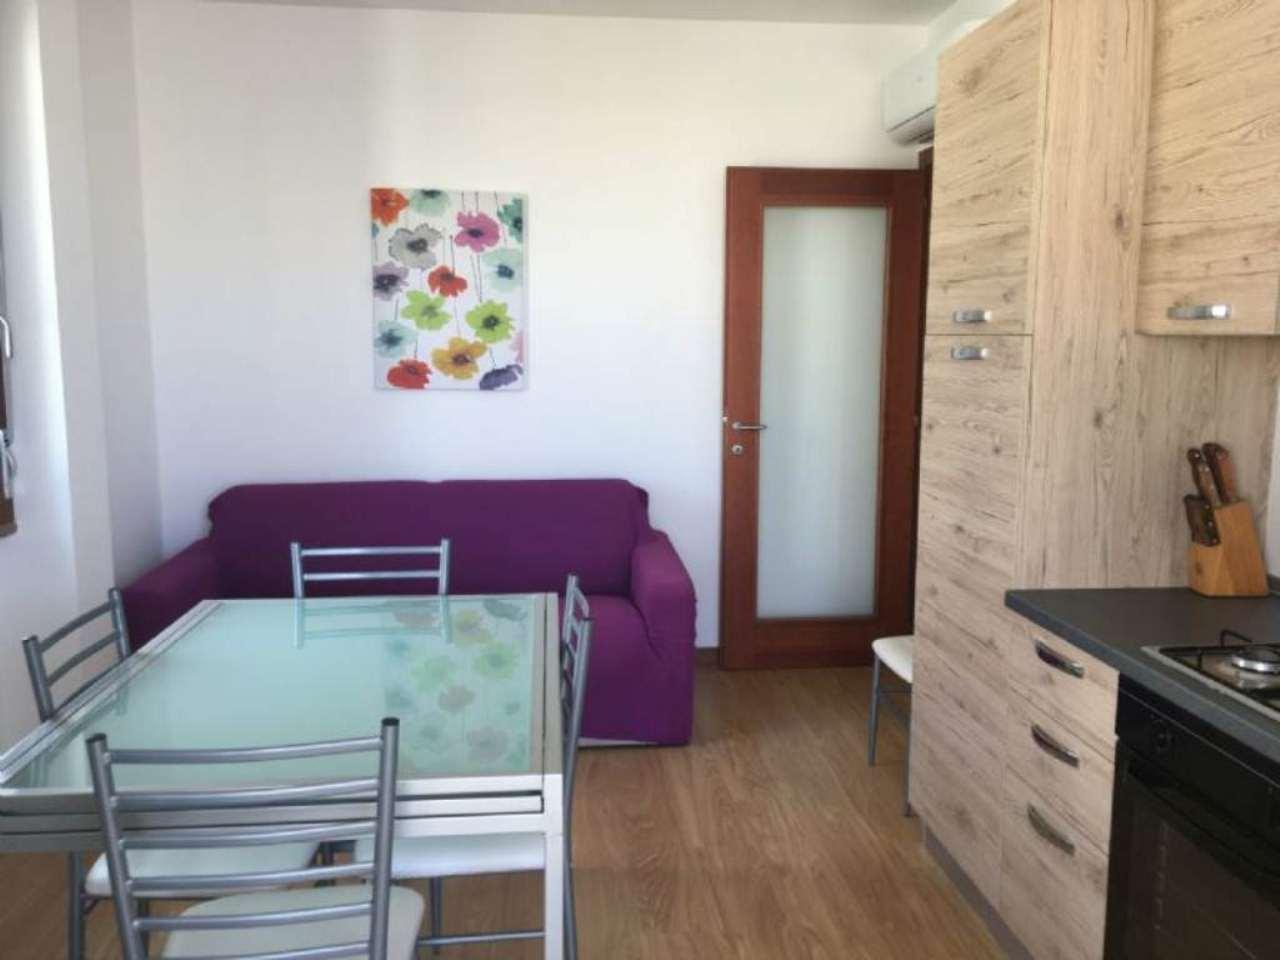 Attico / Mansarda in vendita a Alghero, 3 locali, prezzo € 235.000 | Cambio Casa.it